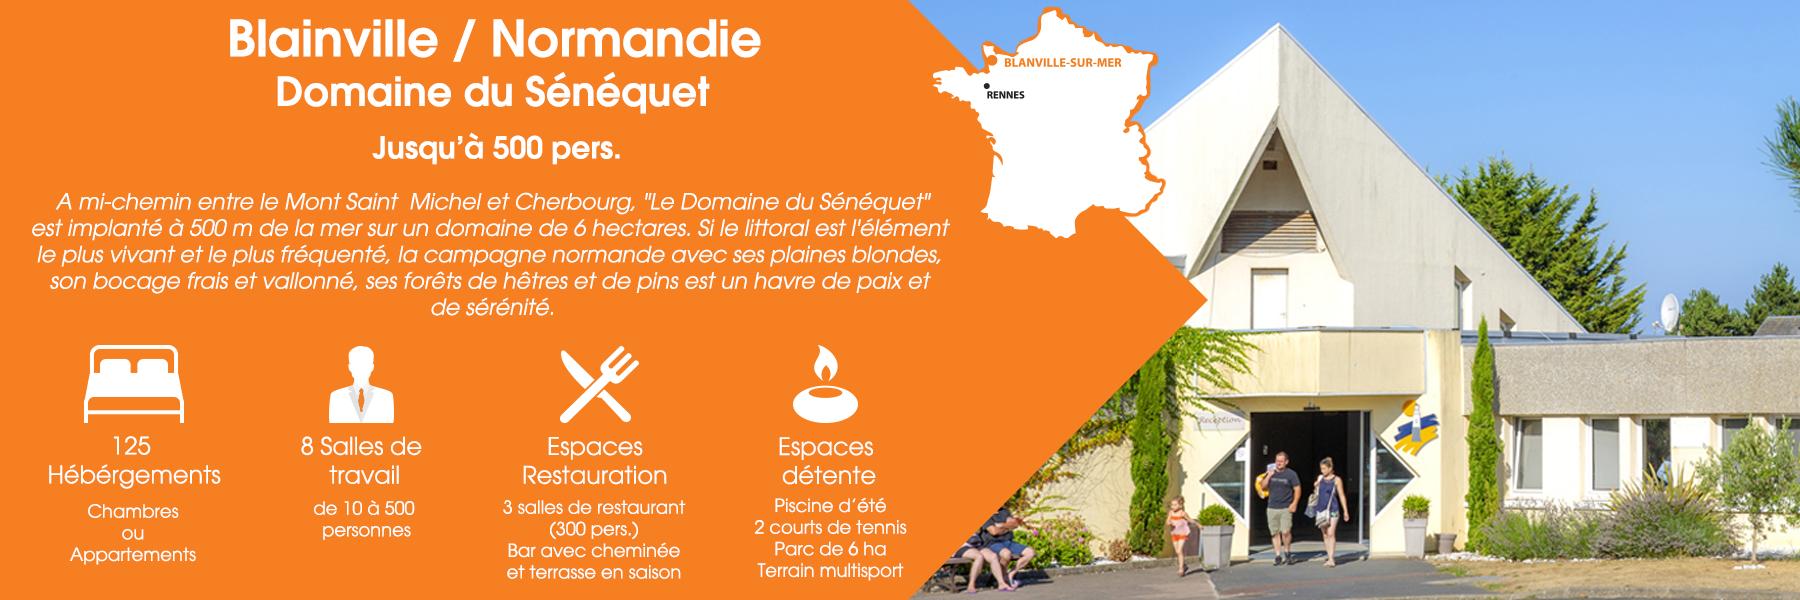 Blainville / Normandie